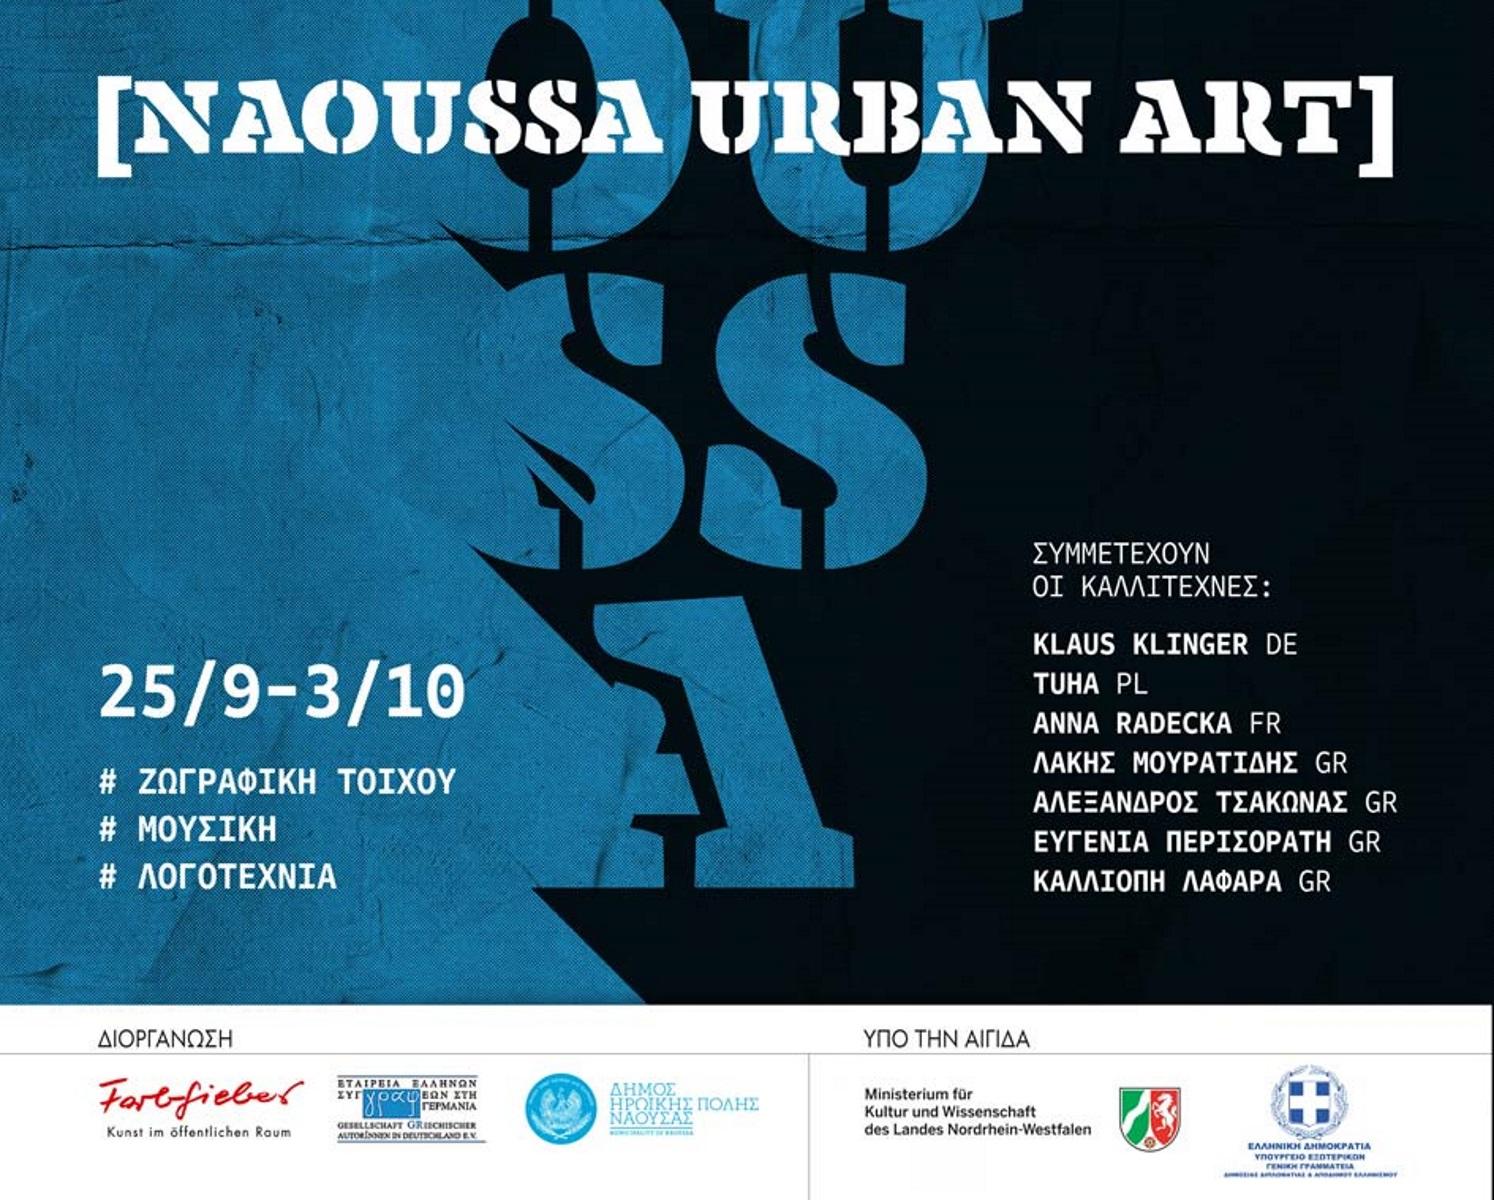 Νάουσα: Αρχίζει σήμερα (26/09) το Διεθνές Φεστιβάλ Αστικής Τέχνης